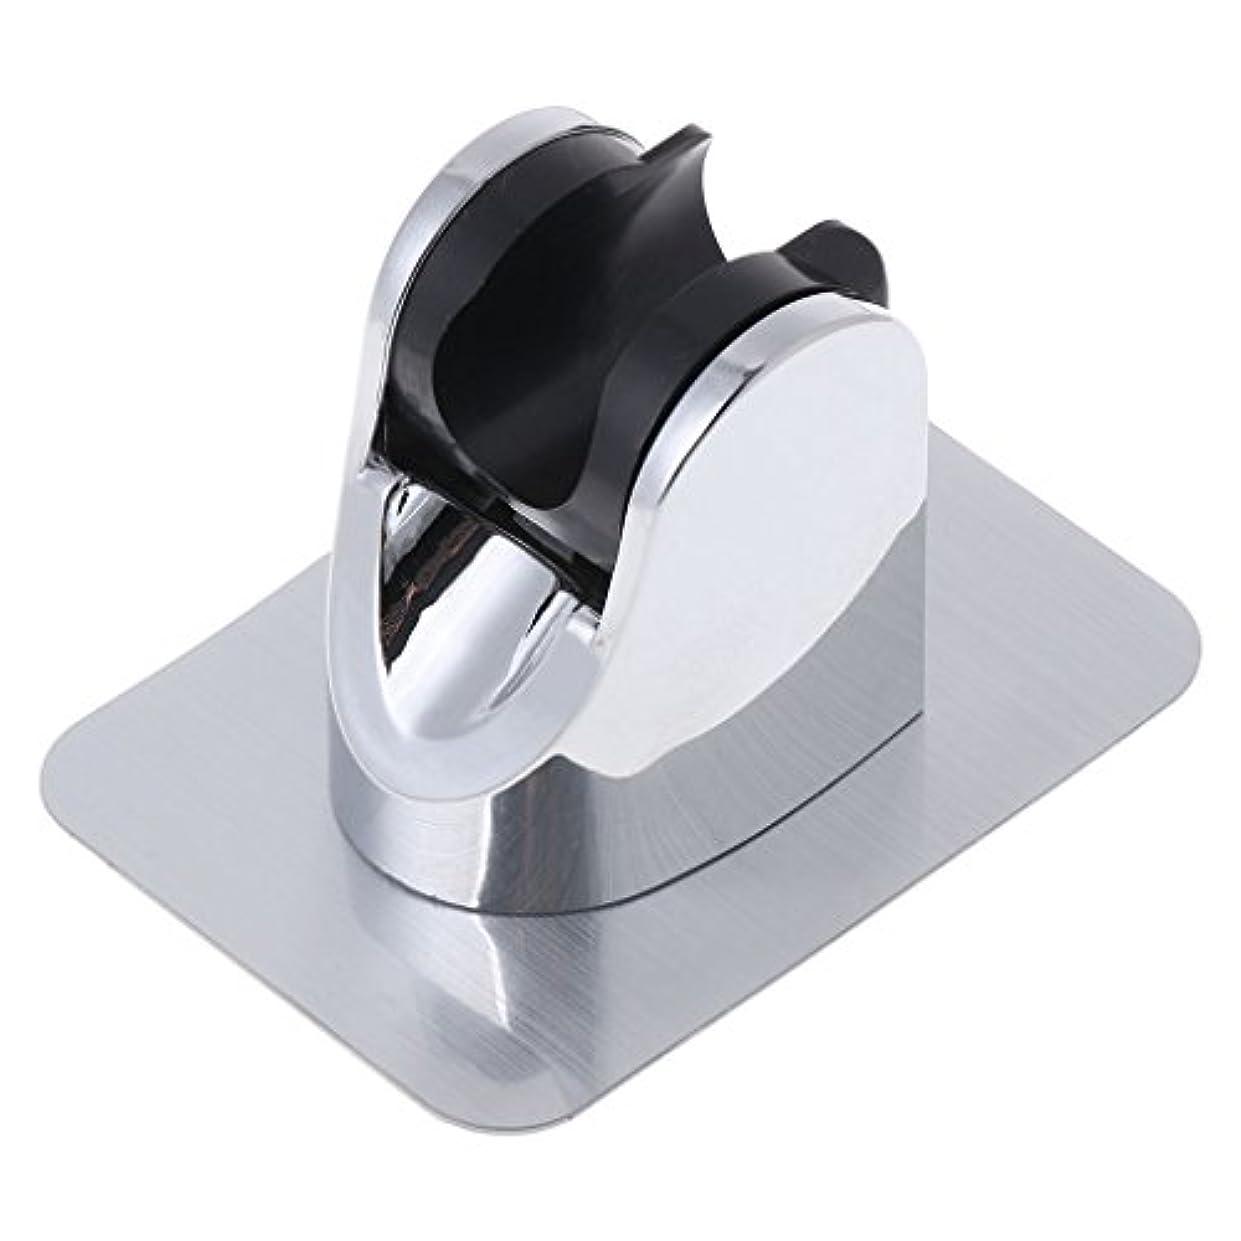 リフレッシュふりをするチーターLamdooヘッドホルダー調節可能ドリルブラケットマウントシャワーハンドなしステッカー